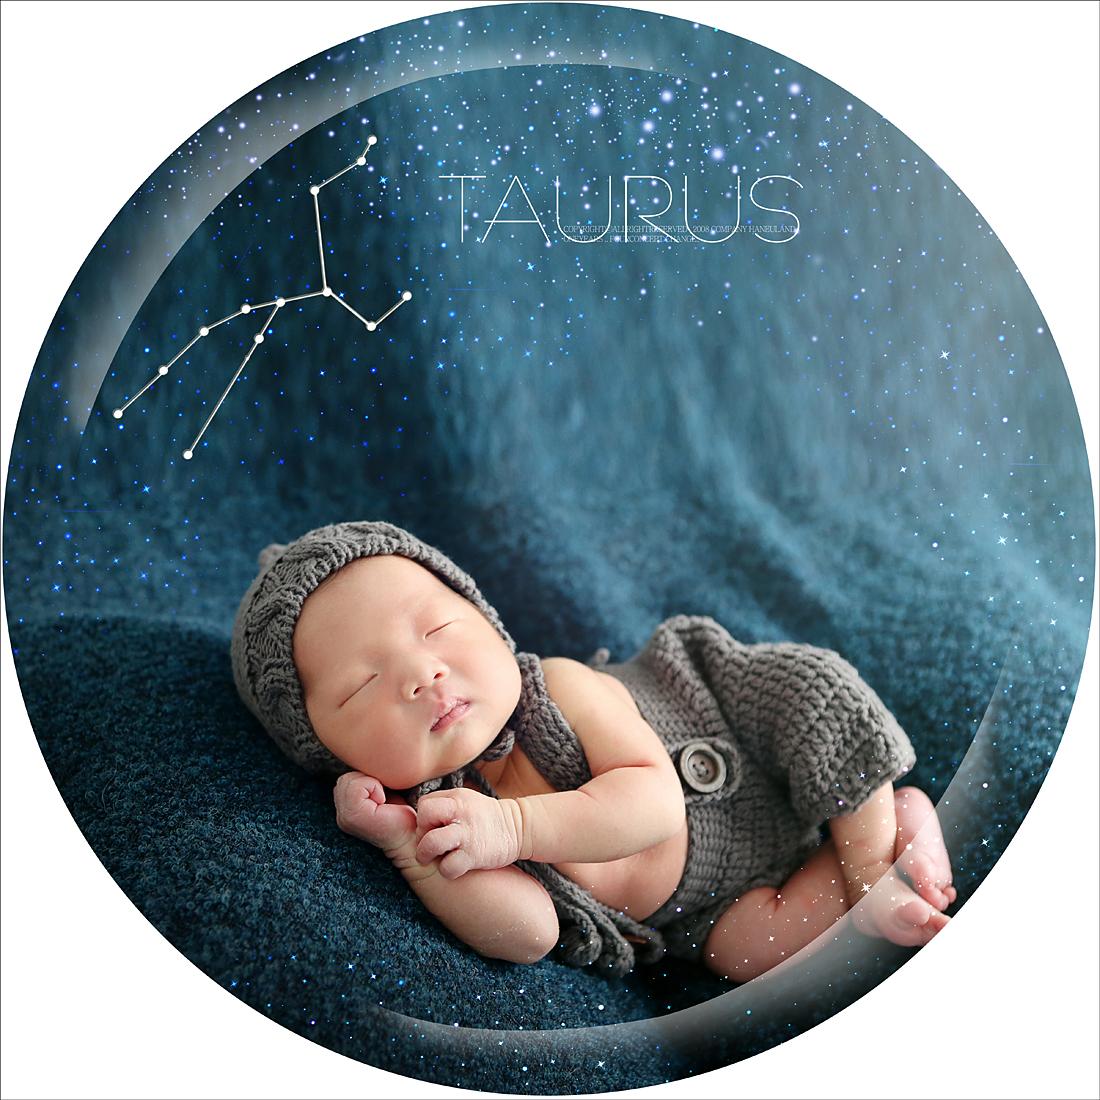 황소자리 별자리 24x24 사본.jpg